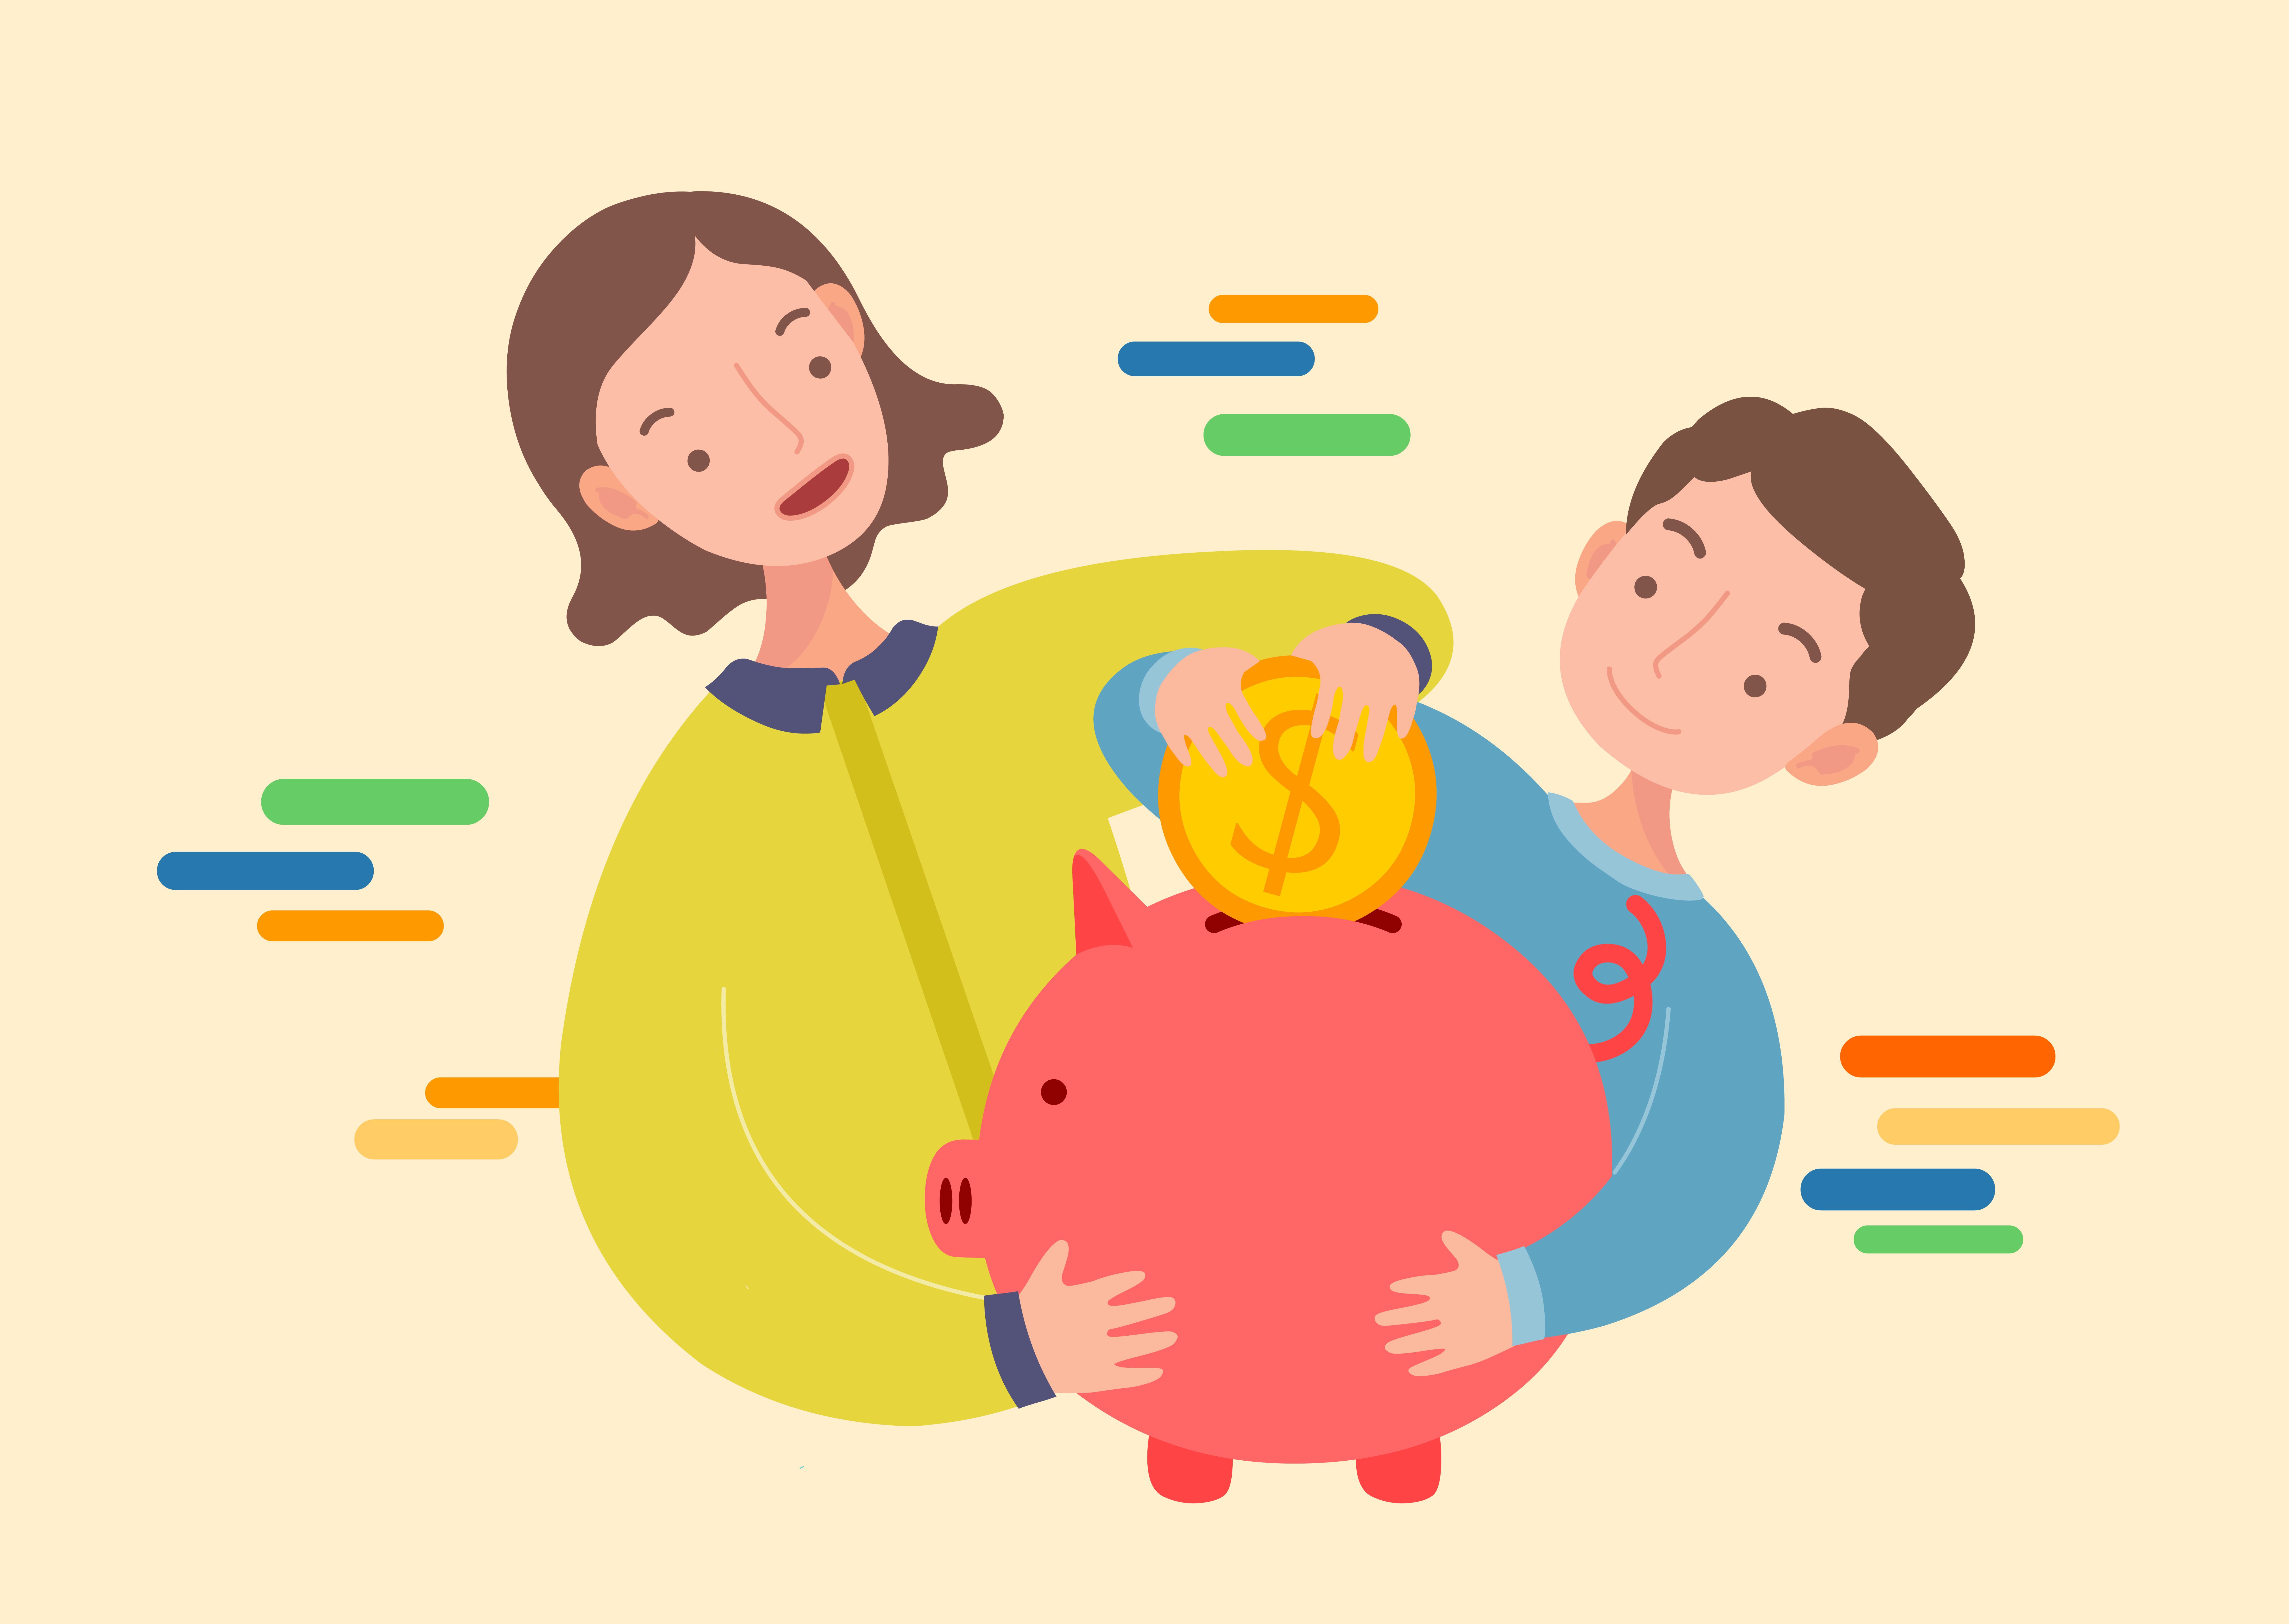 내 아이 경제 자립심 키워줄 금융상품 4선